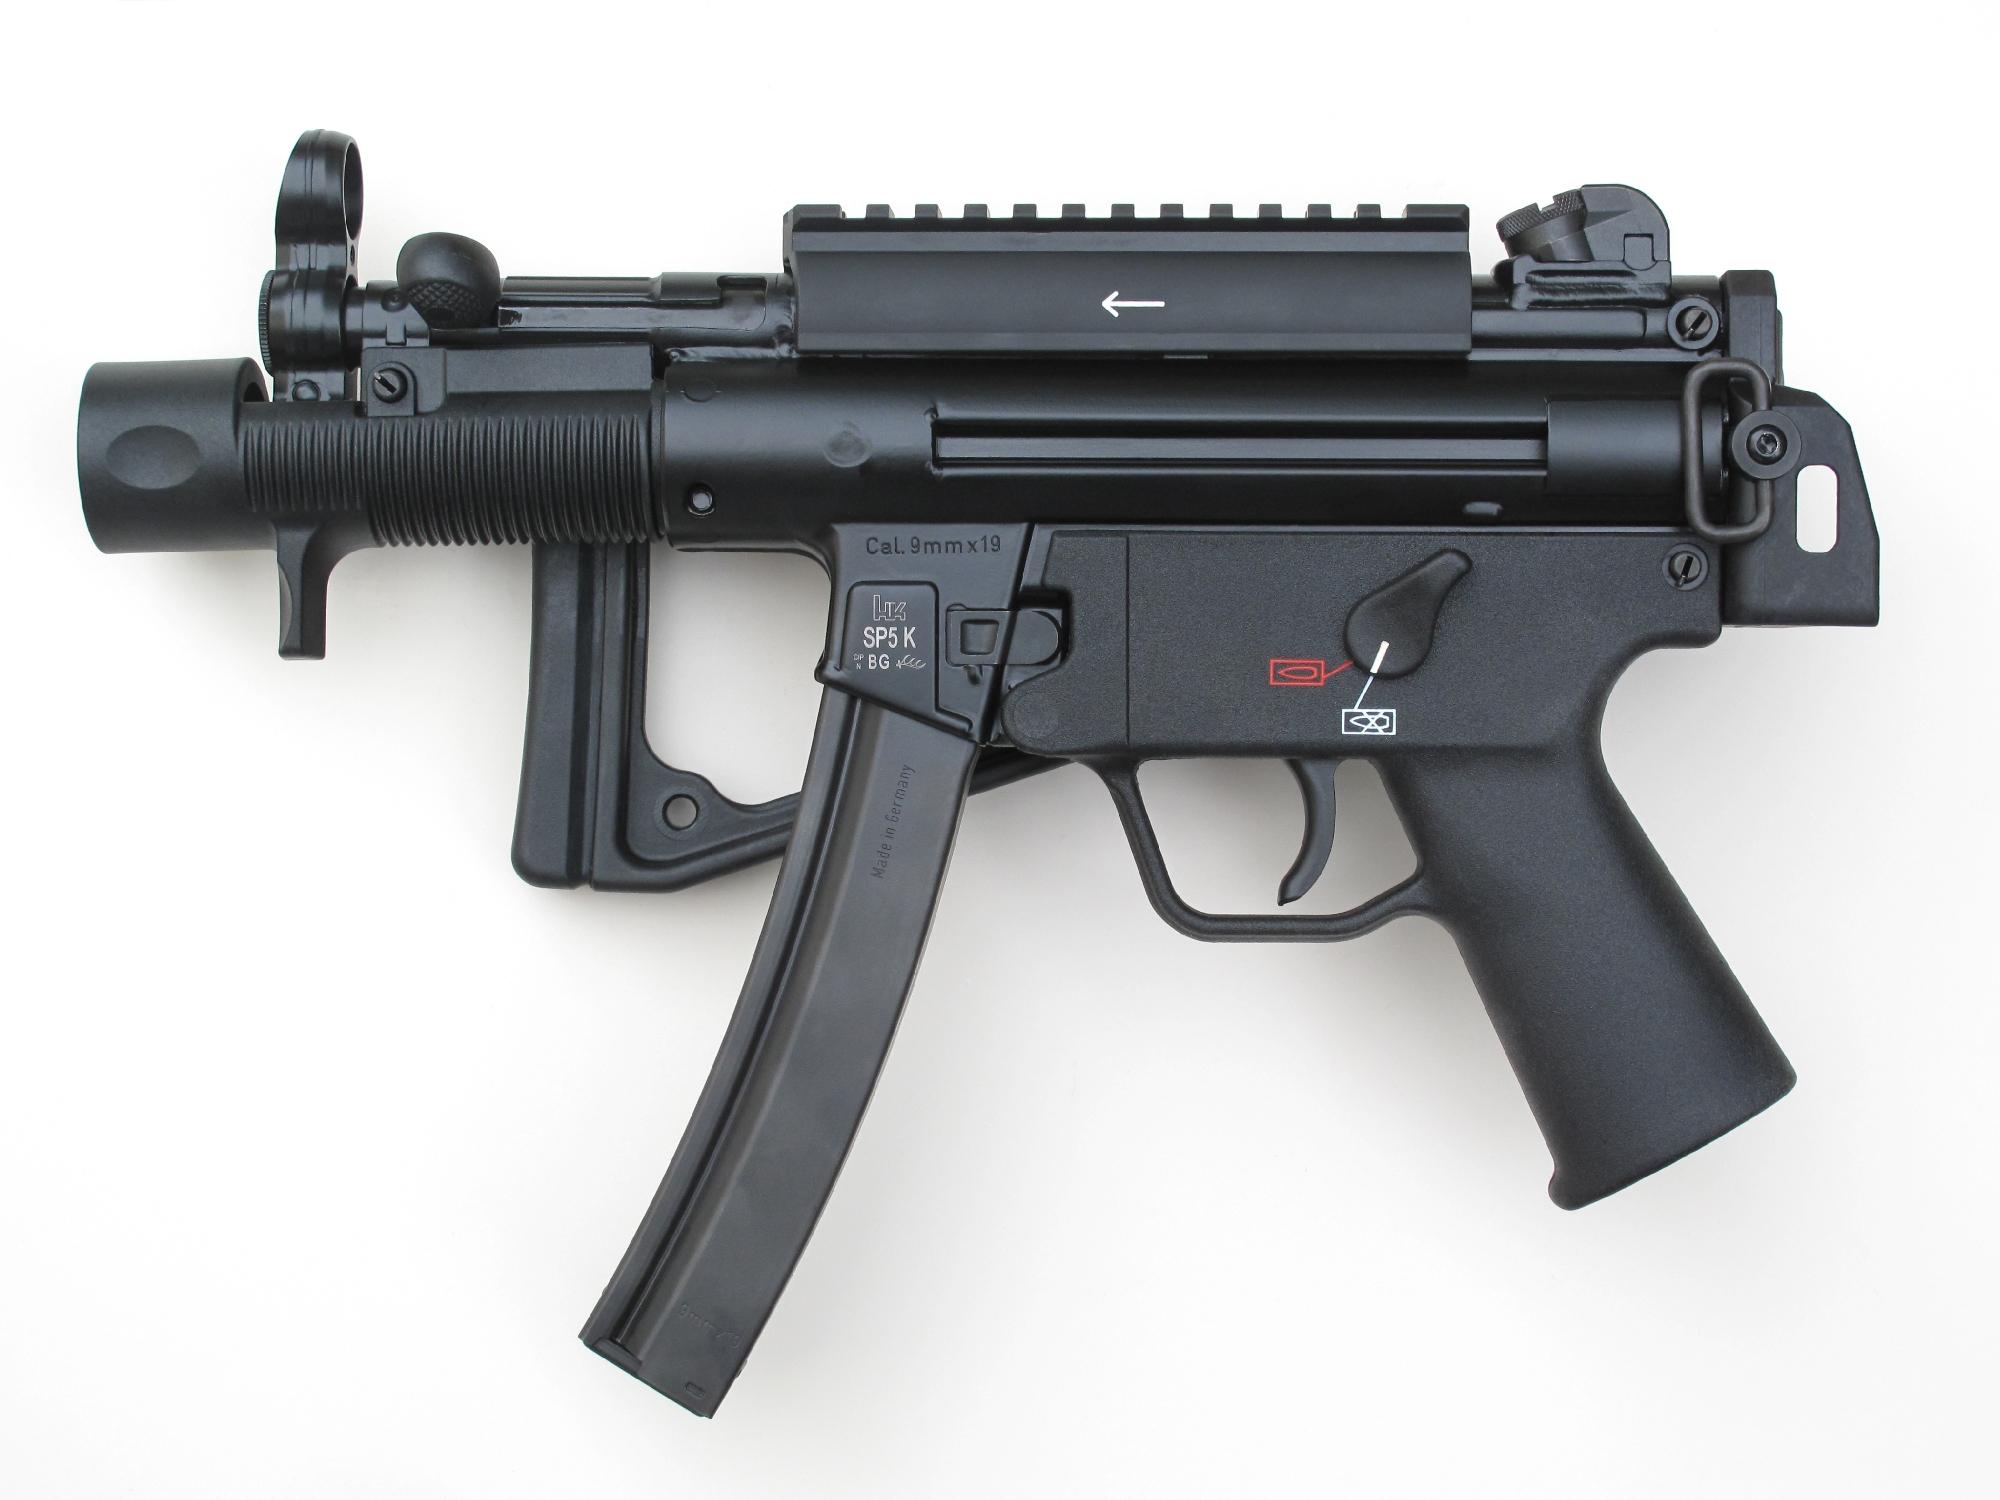 Pistolet HK SP5 K en calibre 9 mm Parabellum